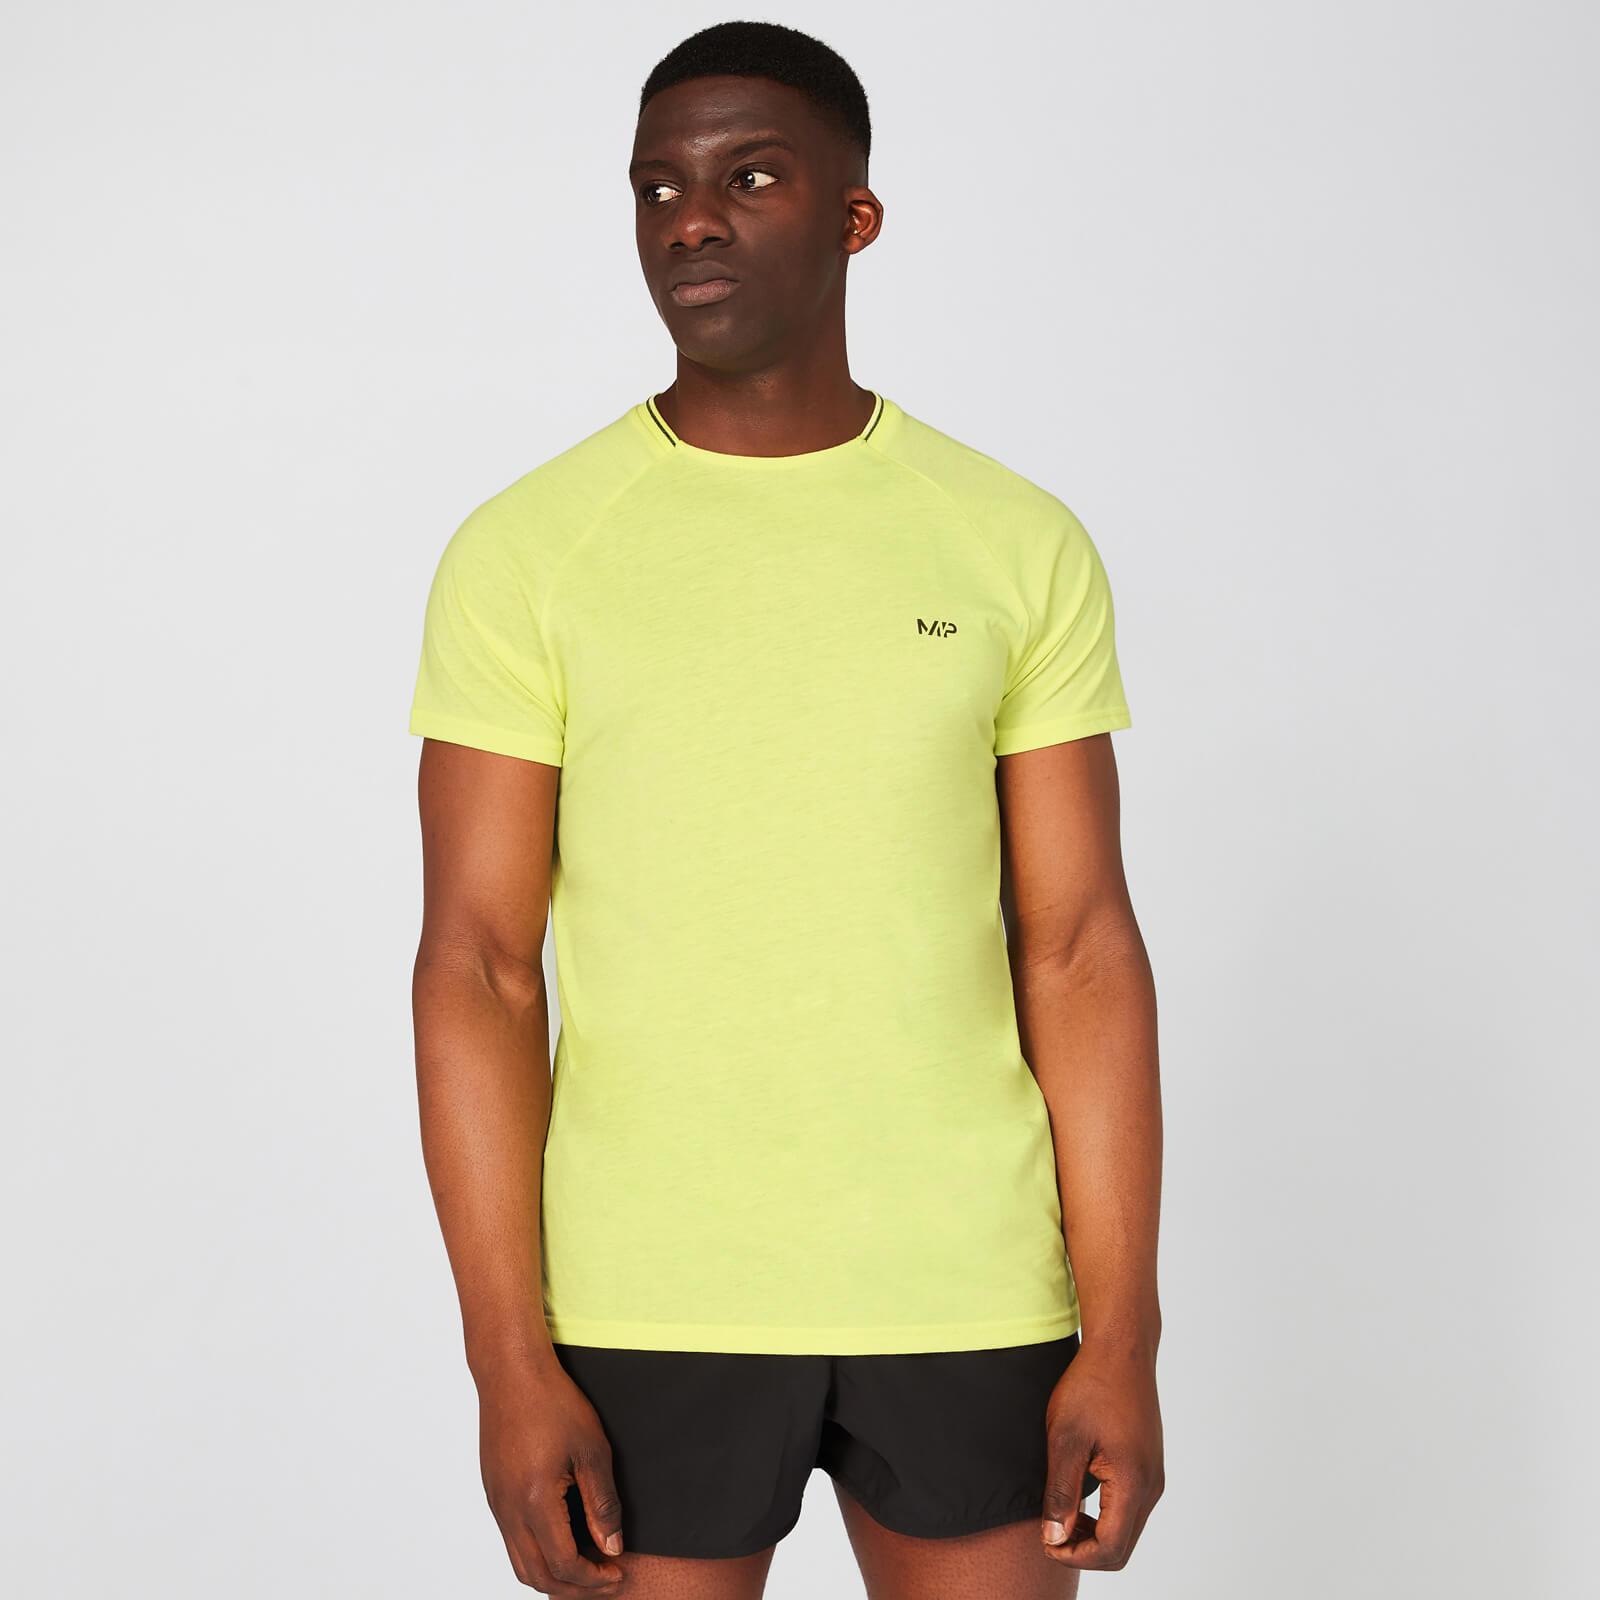 Myprotein MP Pace T-Shirt - Sulphur - M